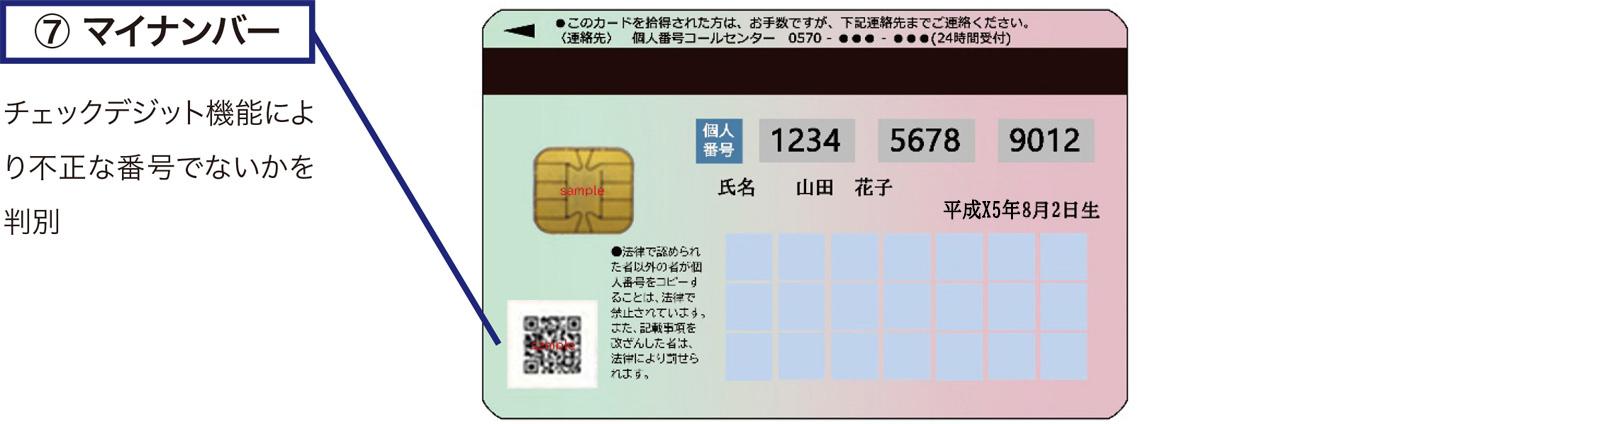 個⼈番号カード解析